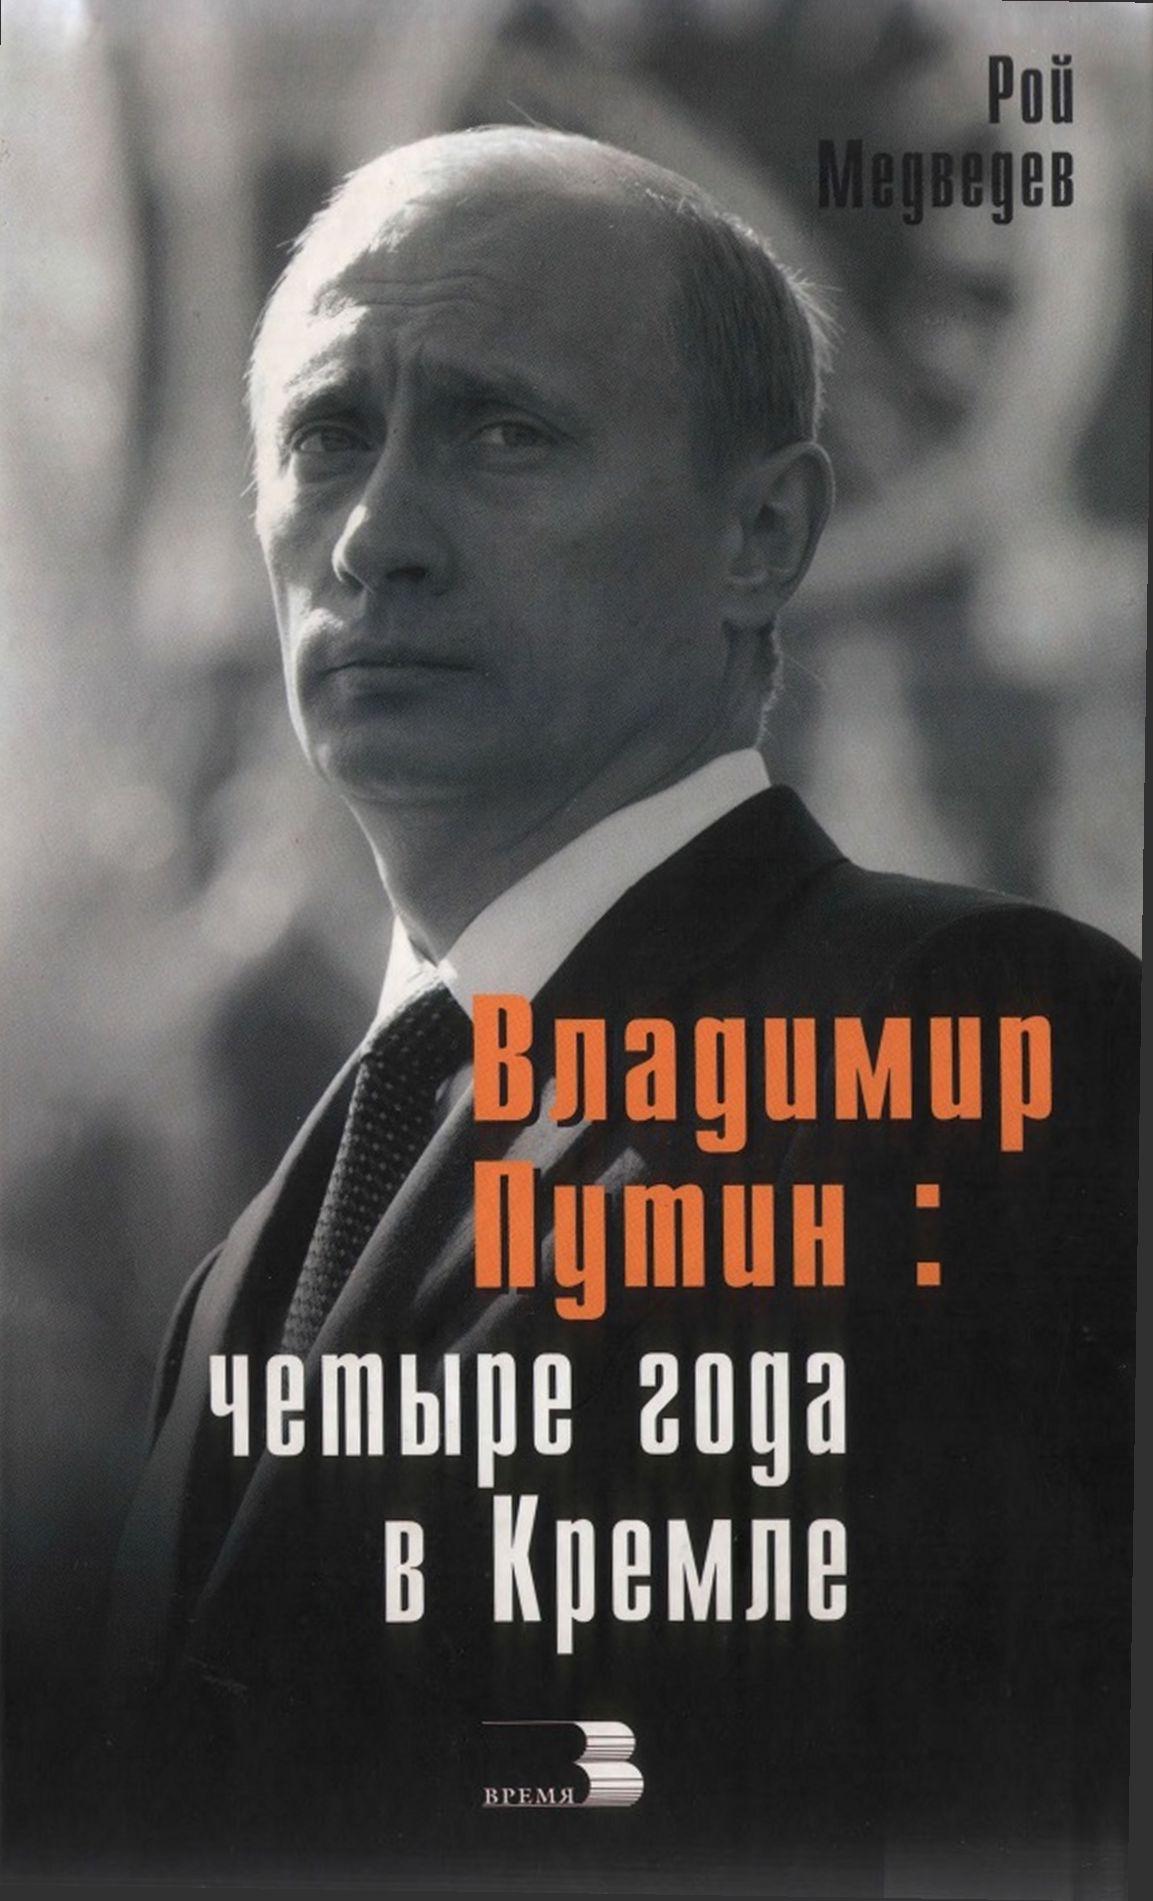 Рой медведев книги о путине скачать